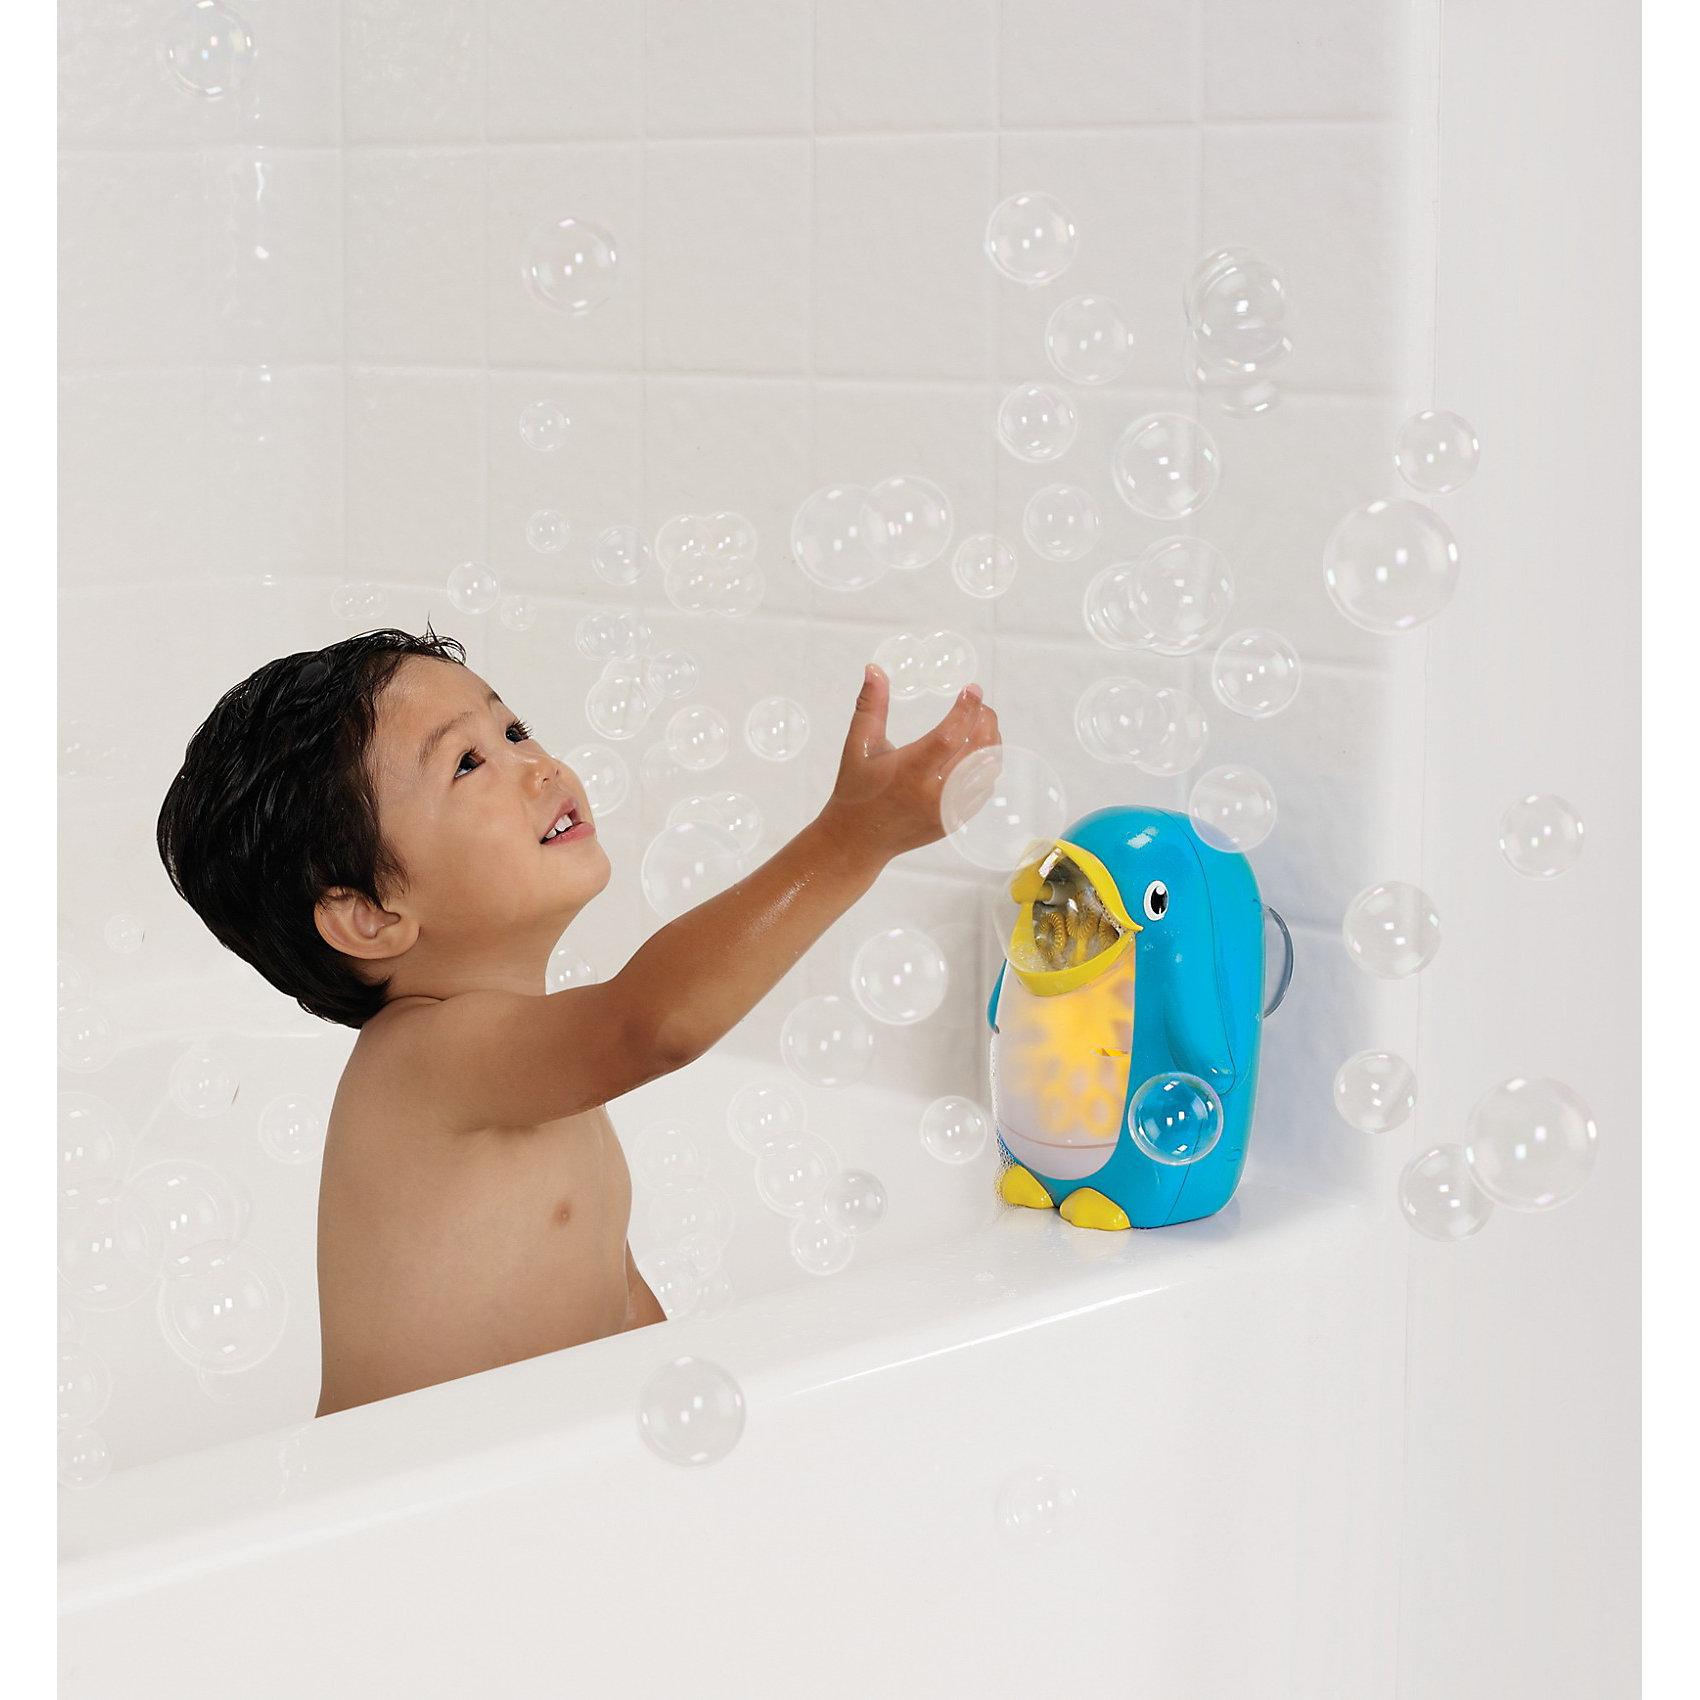 Игрушка для ванной Мыльные пузыри, от 12 мес., MunchkinИгровые наборы<br>Игрушка для ванной Пингвин Мыльные пузыри от munchkin (Манчкин) не оставит ни одного ребенка равнодушным!<br><br>Дополнительная информация:<br><br>- Есть кнопка вкл\выкл.<br>- Крутящееся колесо с кольцами для выдувания обеспечивает непрерывный поток мыльных пузырей.<br>- Можно использовать с большинством пенных средств.<br>- Избегать попадания пузырей на лицо ребенка.<br>- возраст: от 12 мес.<br>- требуются 2 батарейки AA (не входят в комплект)<br><br>Игрушку для ванной Мыльные пузыри munchkin, от 12 мес. можно купить в нашем интернет-магазине.<br><br>Ширина мм: 254<br>Глубина мм: 62<br>Высота мм: 202<br>Вес г: 228<br>Возраст от месяцев: 12<br>Возраст до месяцев: 48<br>Пол: Унисекс<br>Возраст: Детский<br>SKU: 3317194